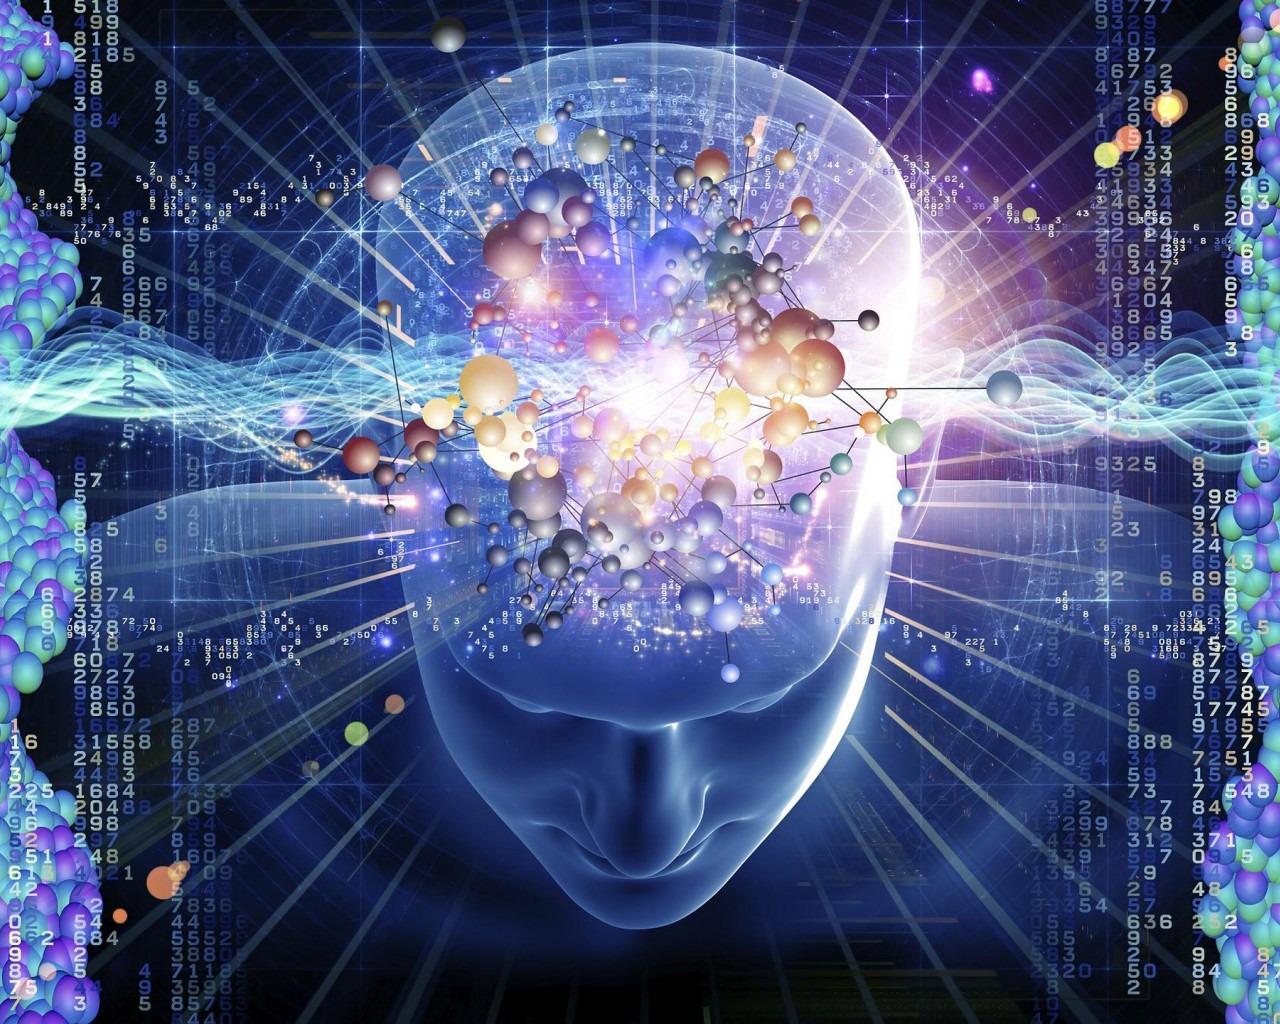 Leggere il pensiero attraverso una nuova tecnologia